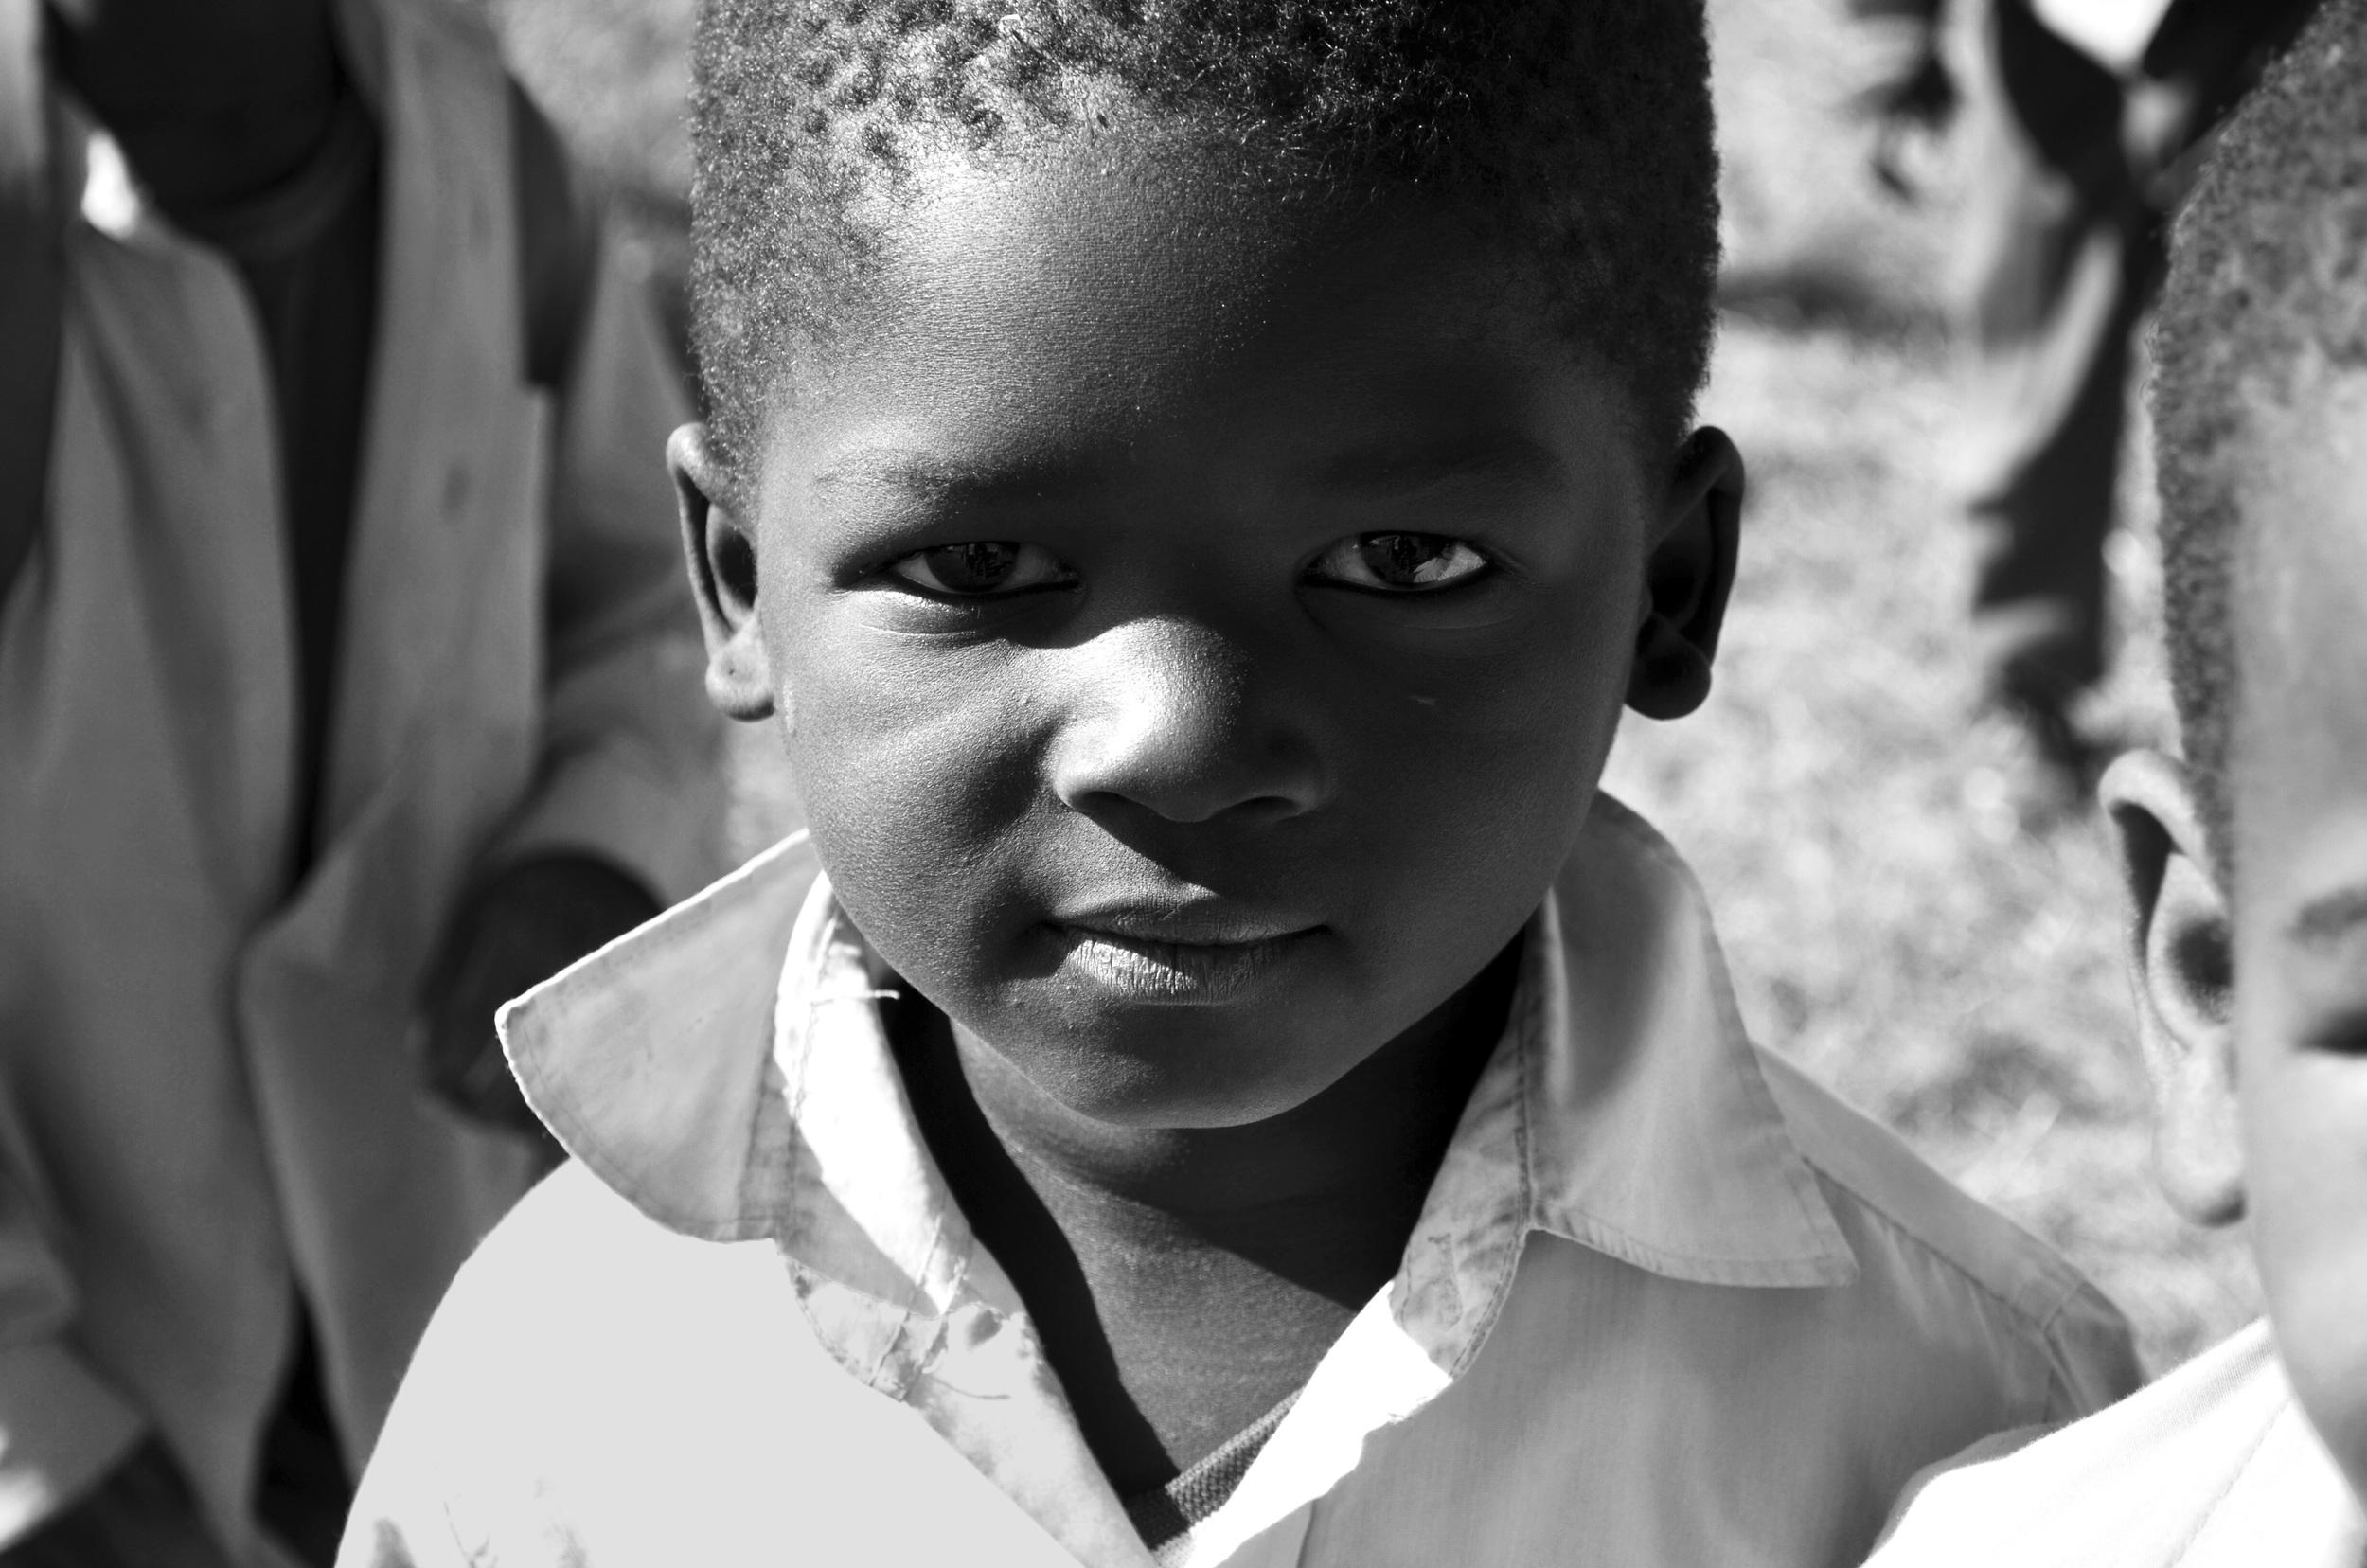 African Child_1.jpg